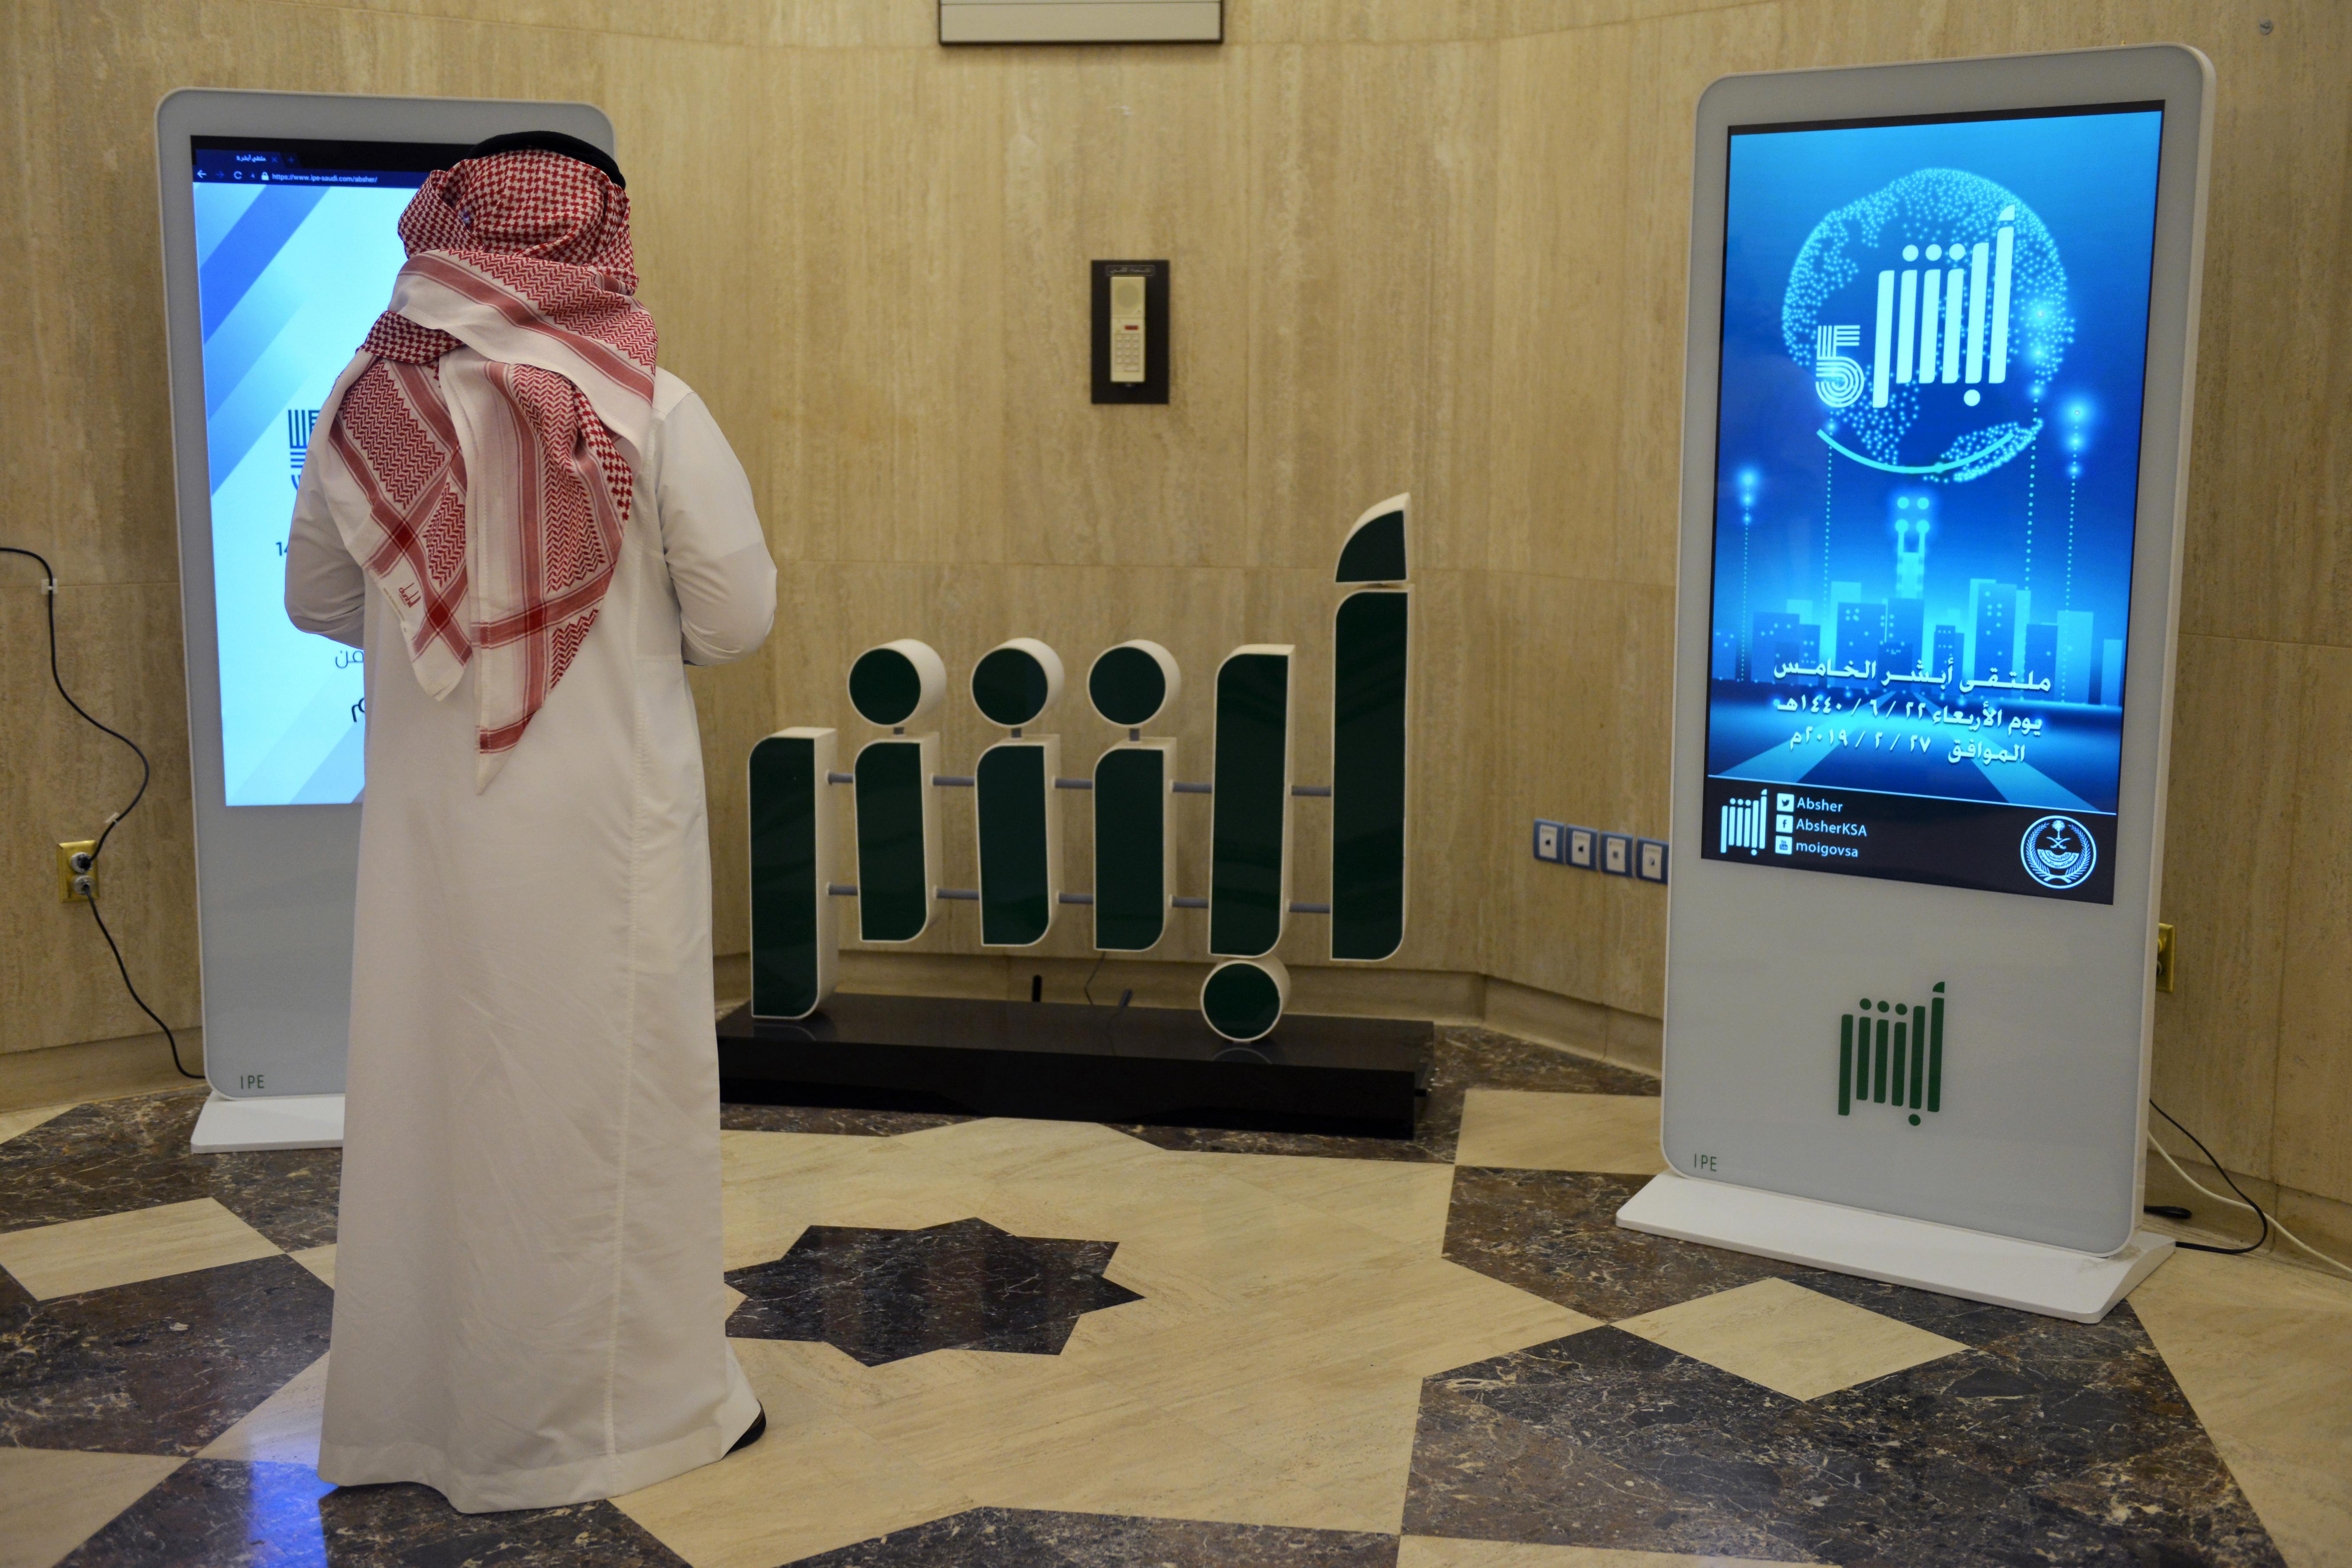 Un empleado del Ministerio del Interior de Arabia Saudita frente a una pantalla que muestra la aplicación Absher | Fayez Nureldine | Agence France-Presse